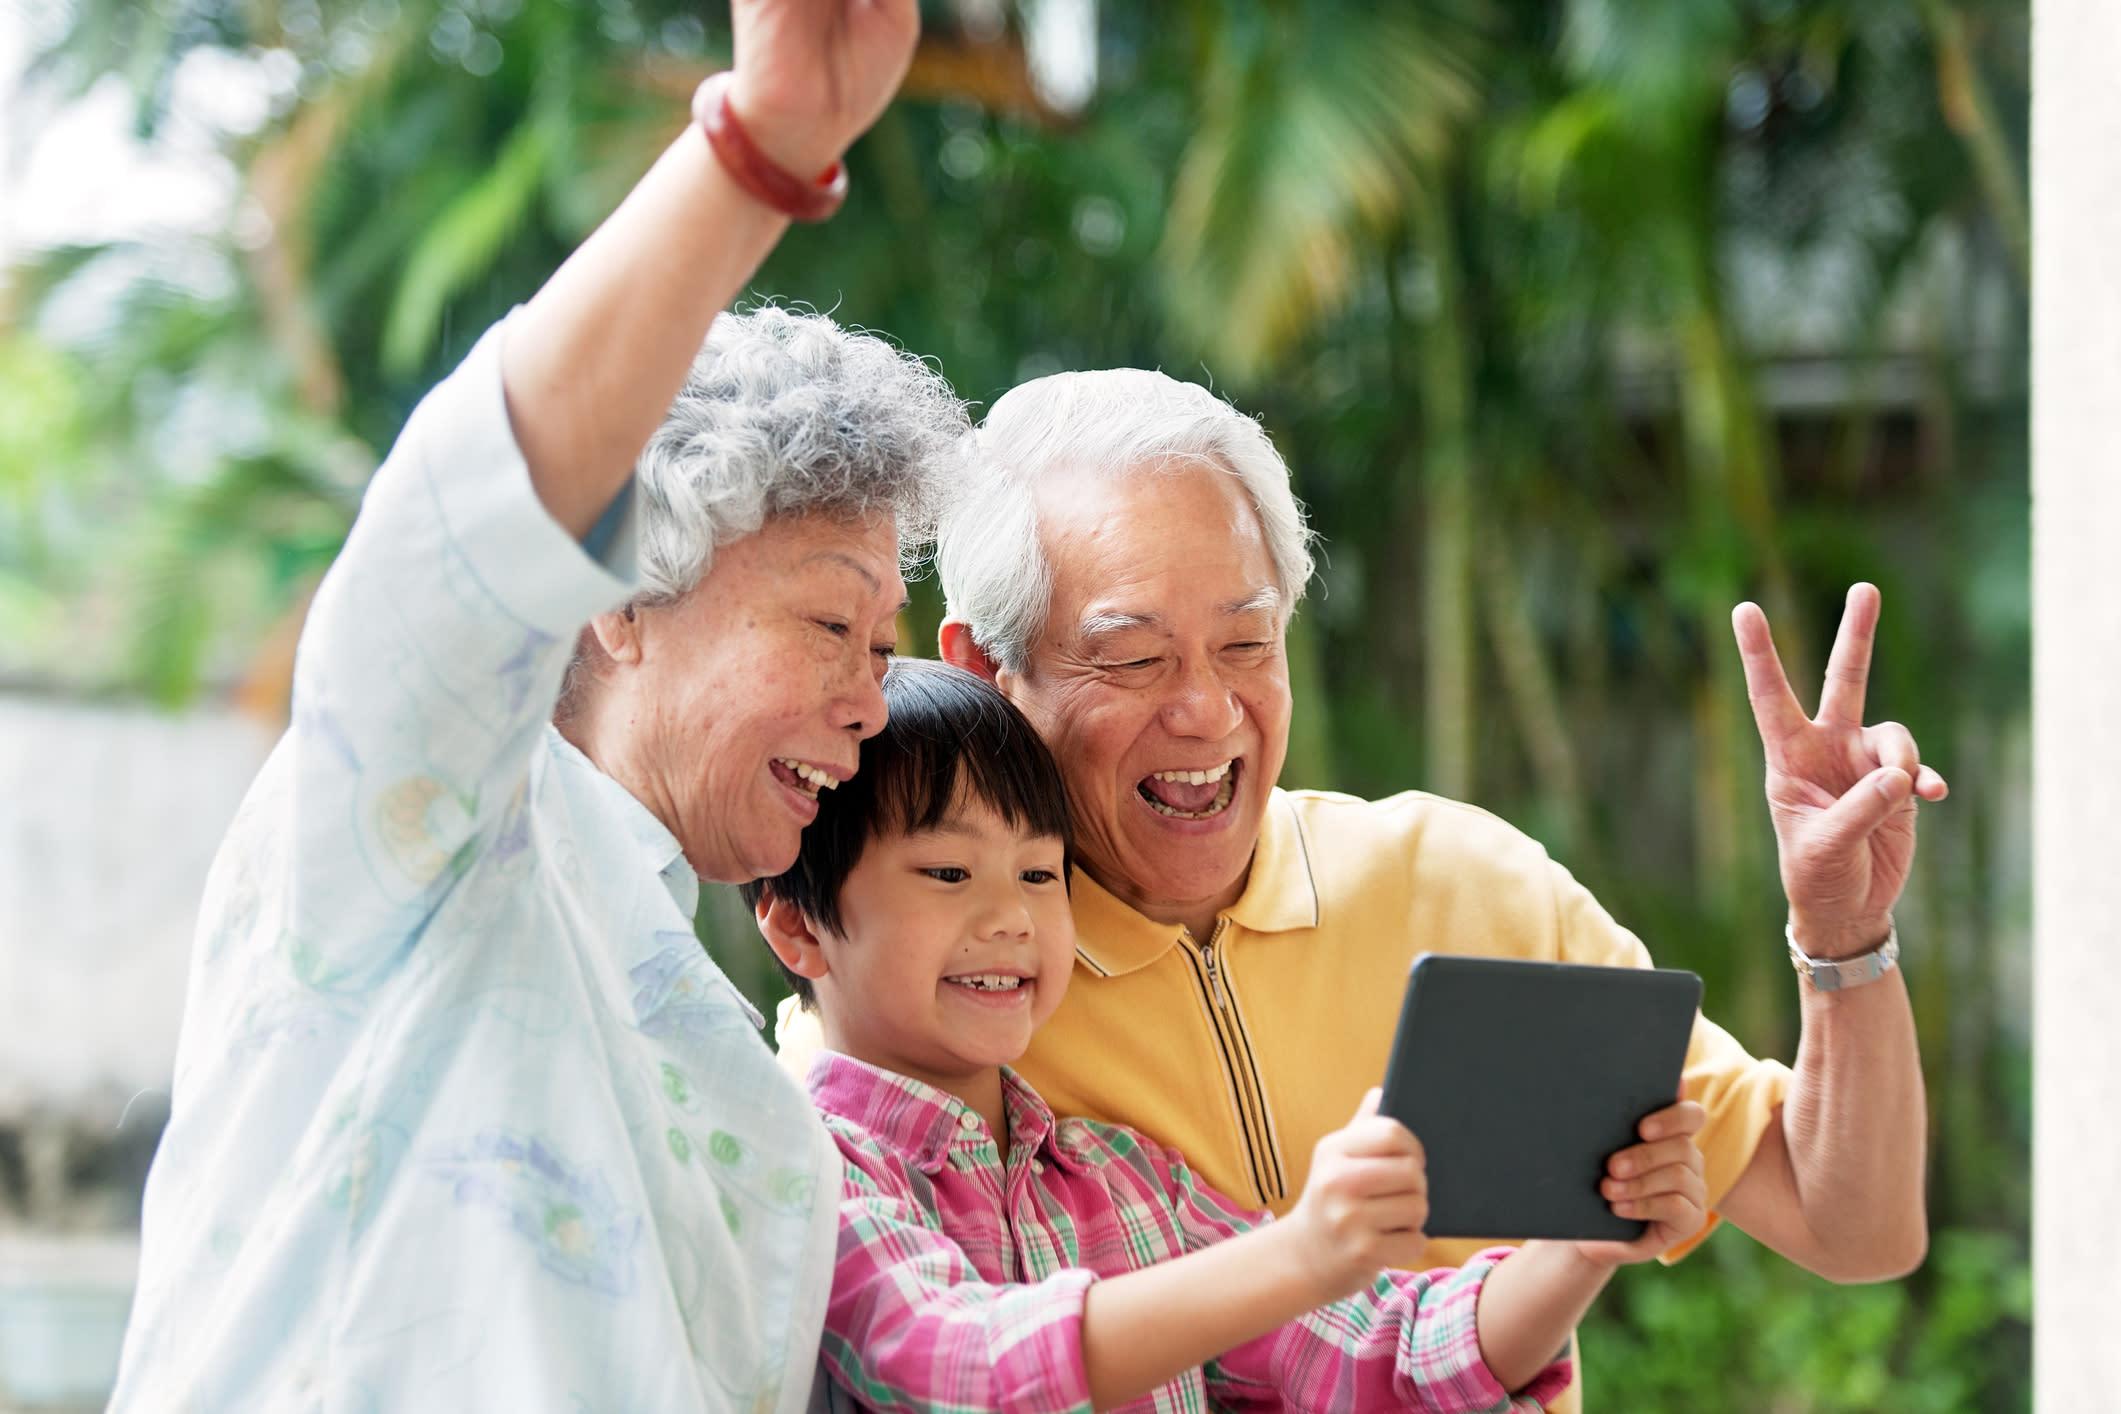 醫學專家陳皇光教你健康活到老 這幾件事一定要做到